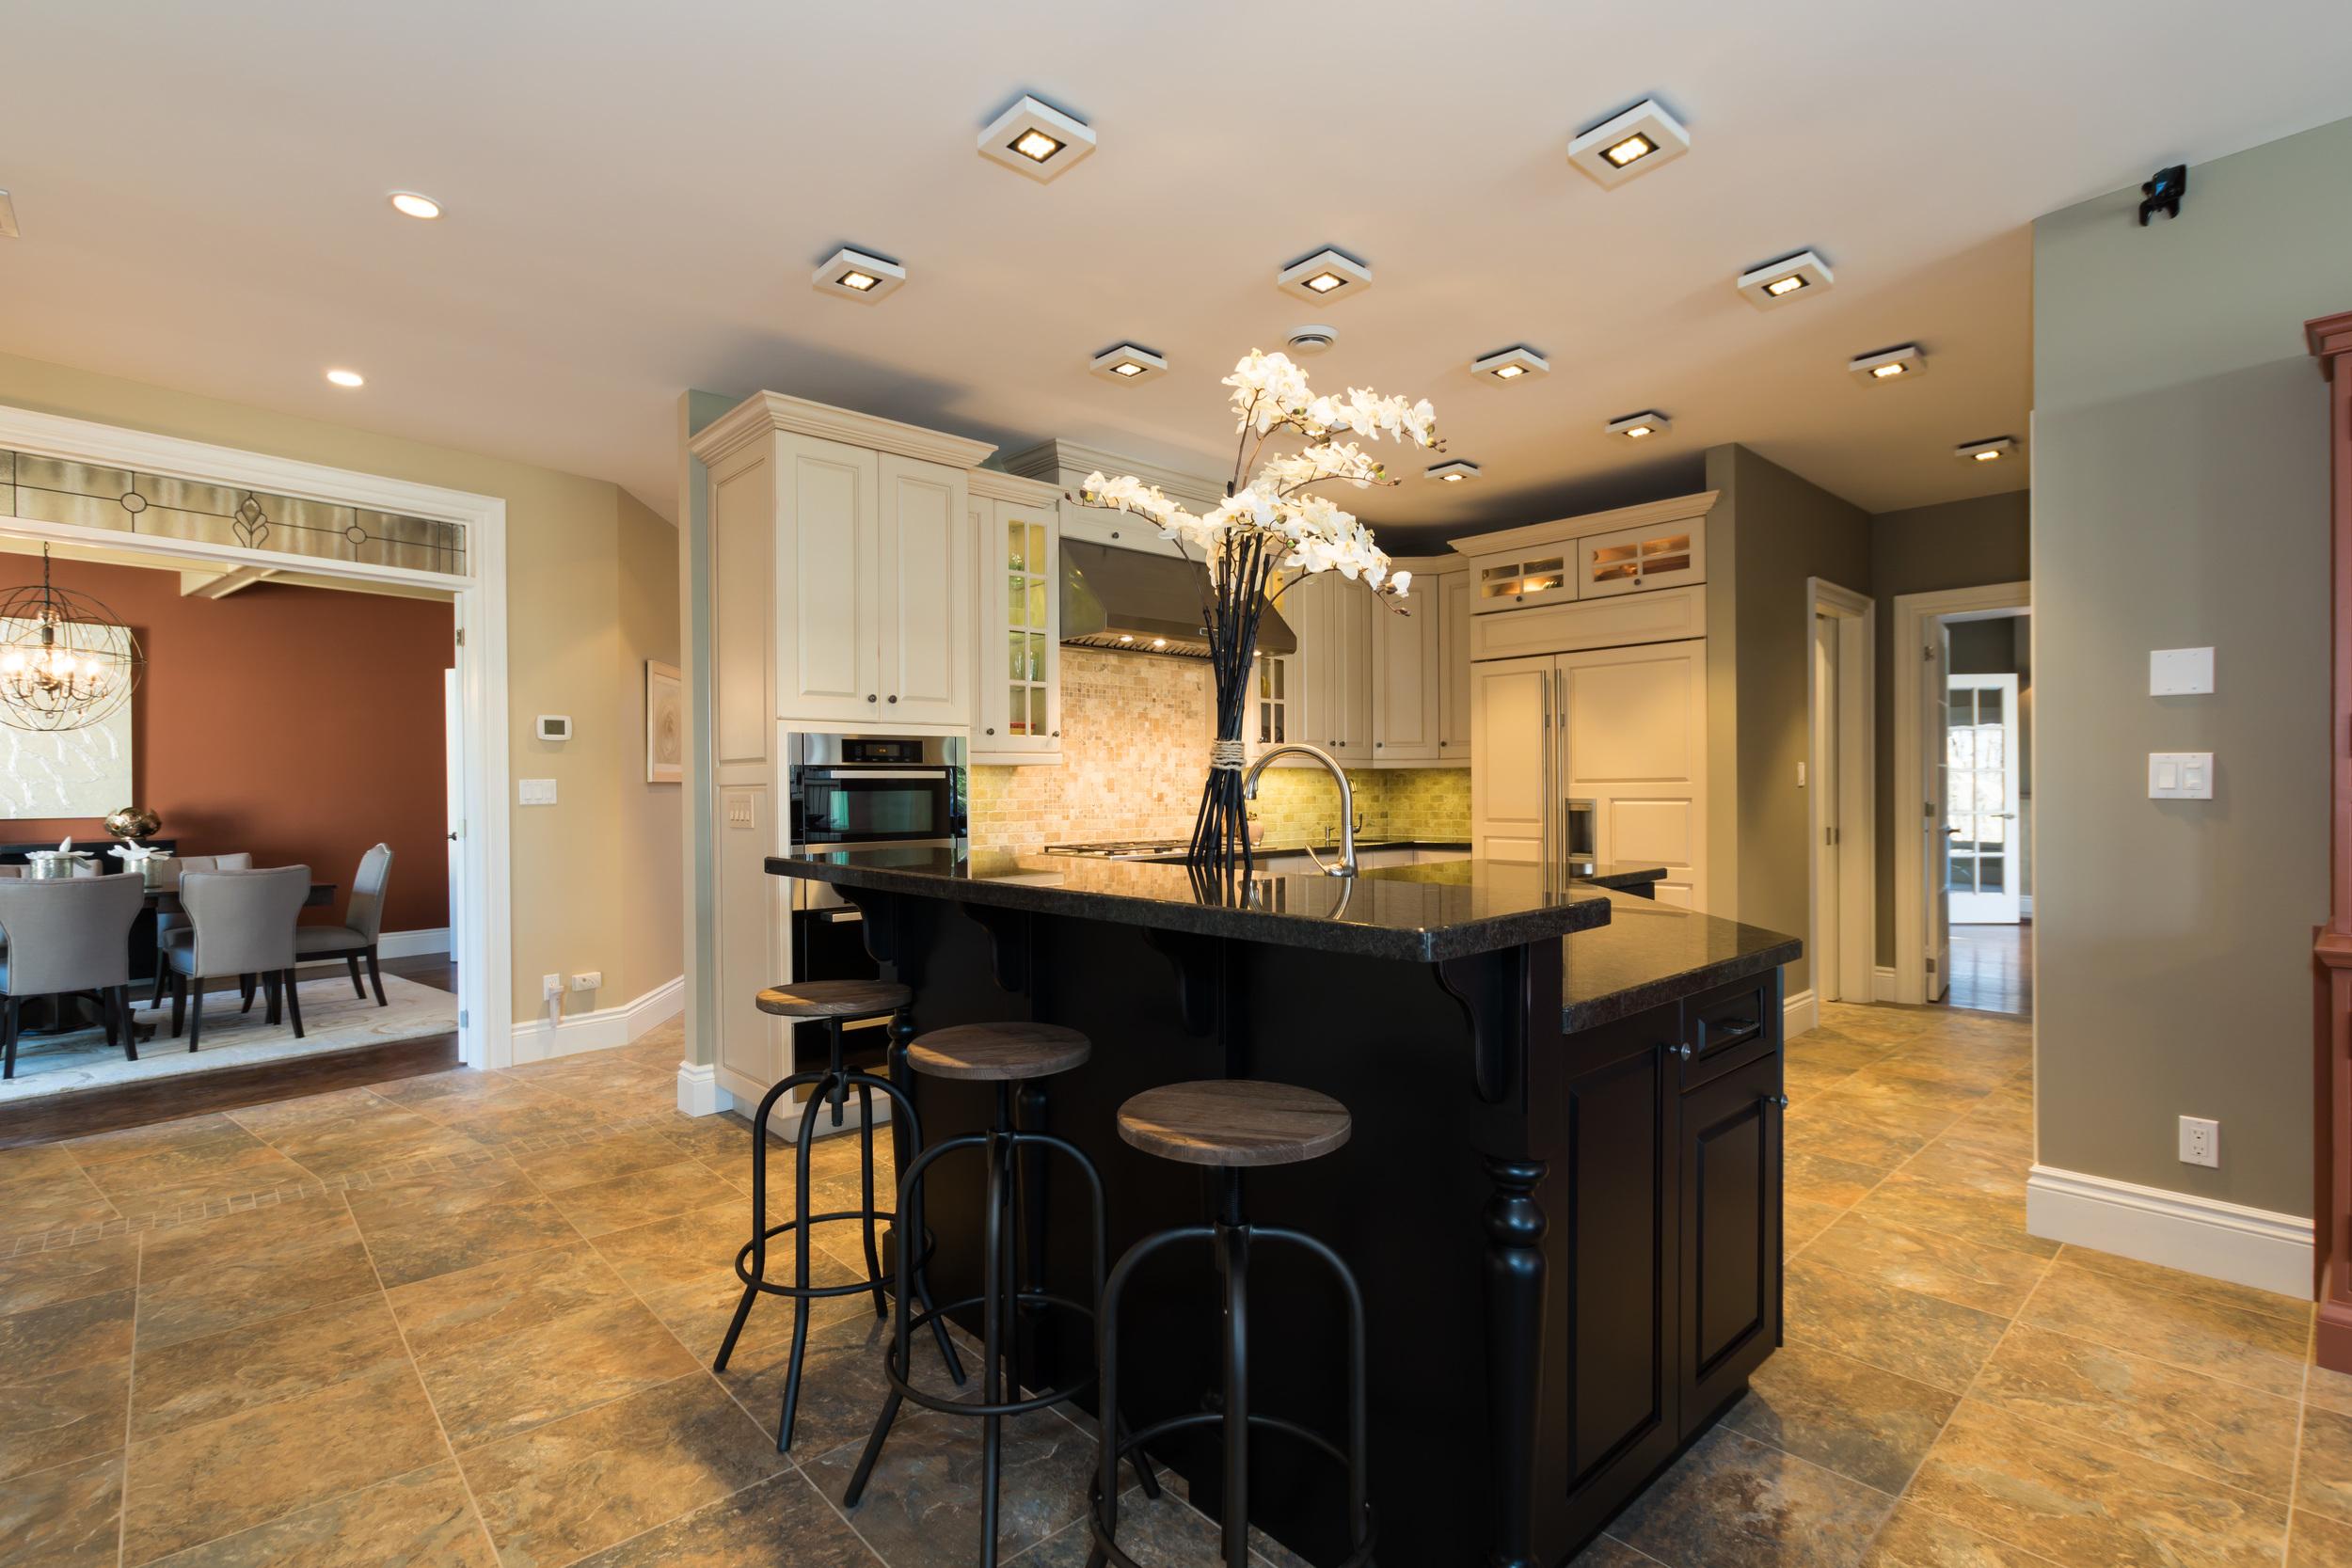 Modern, open concept kitchen